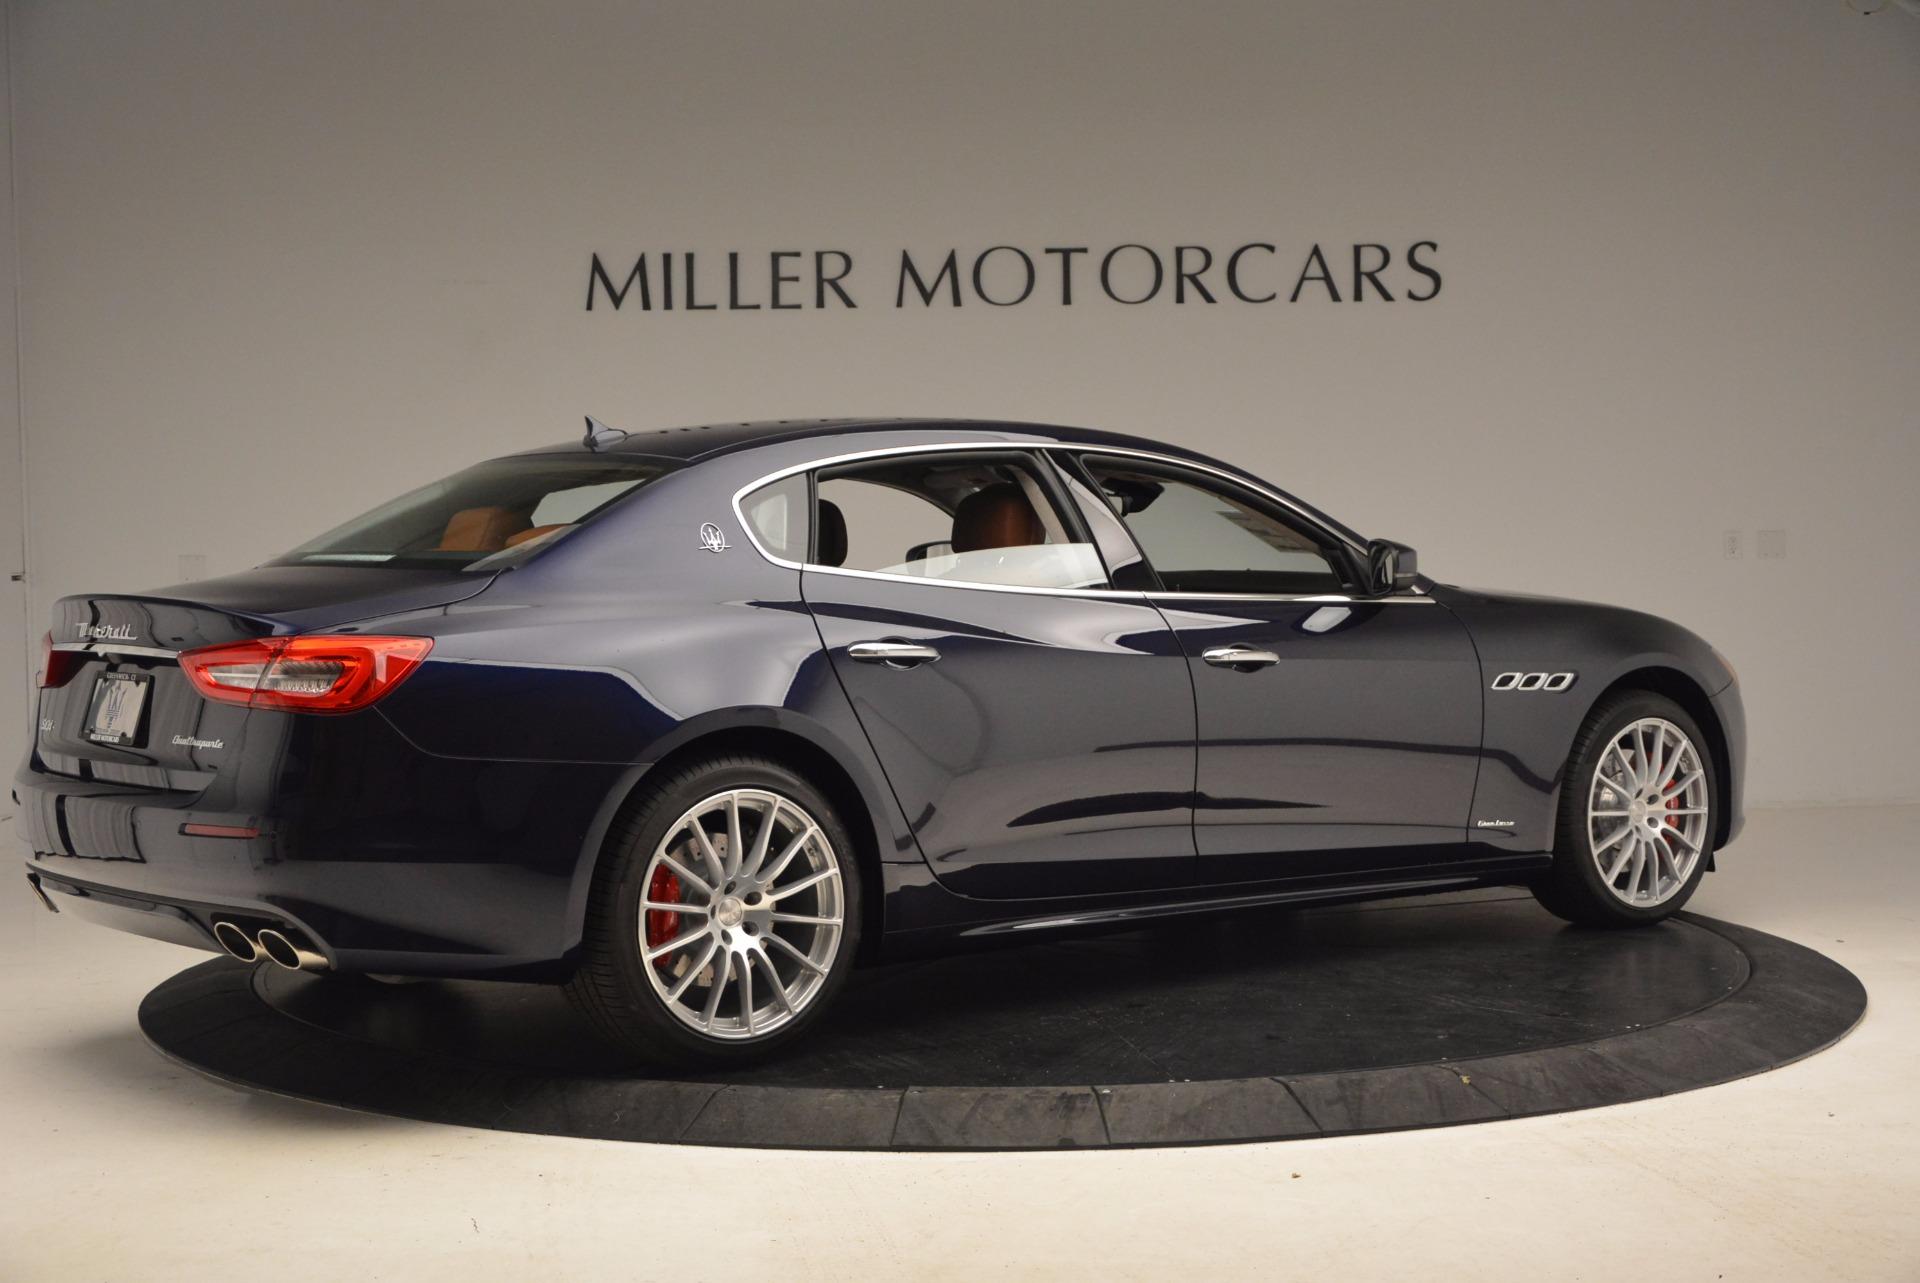 New 2018 Maserati Quattroporte S Q4 GranLusso For Sale In Westport, CT 1614_p8